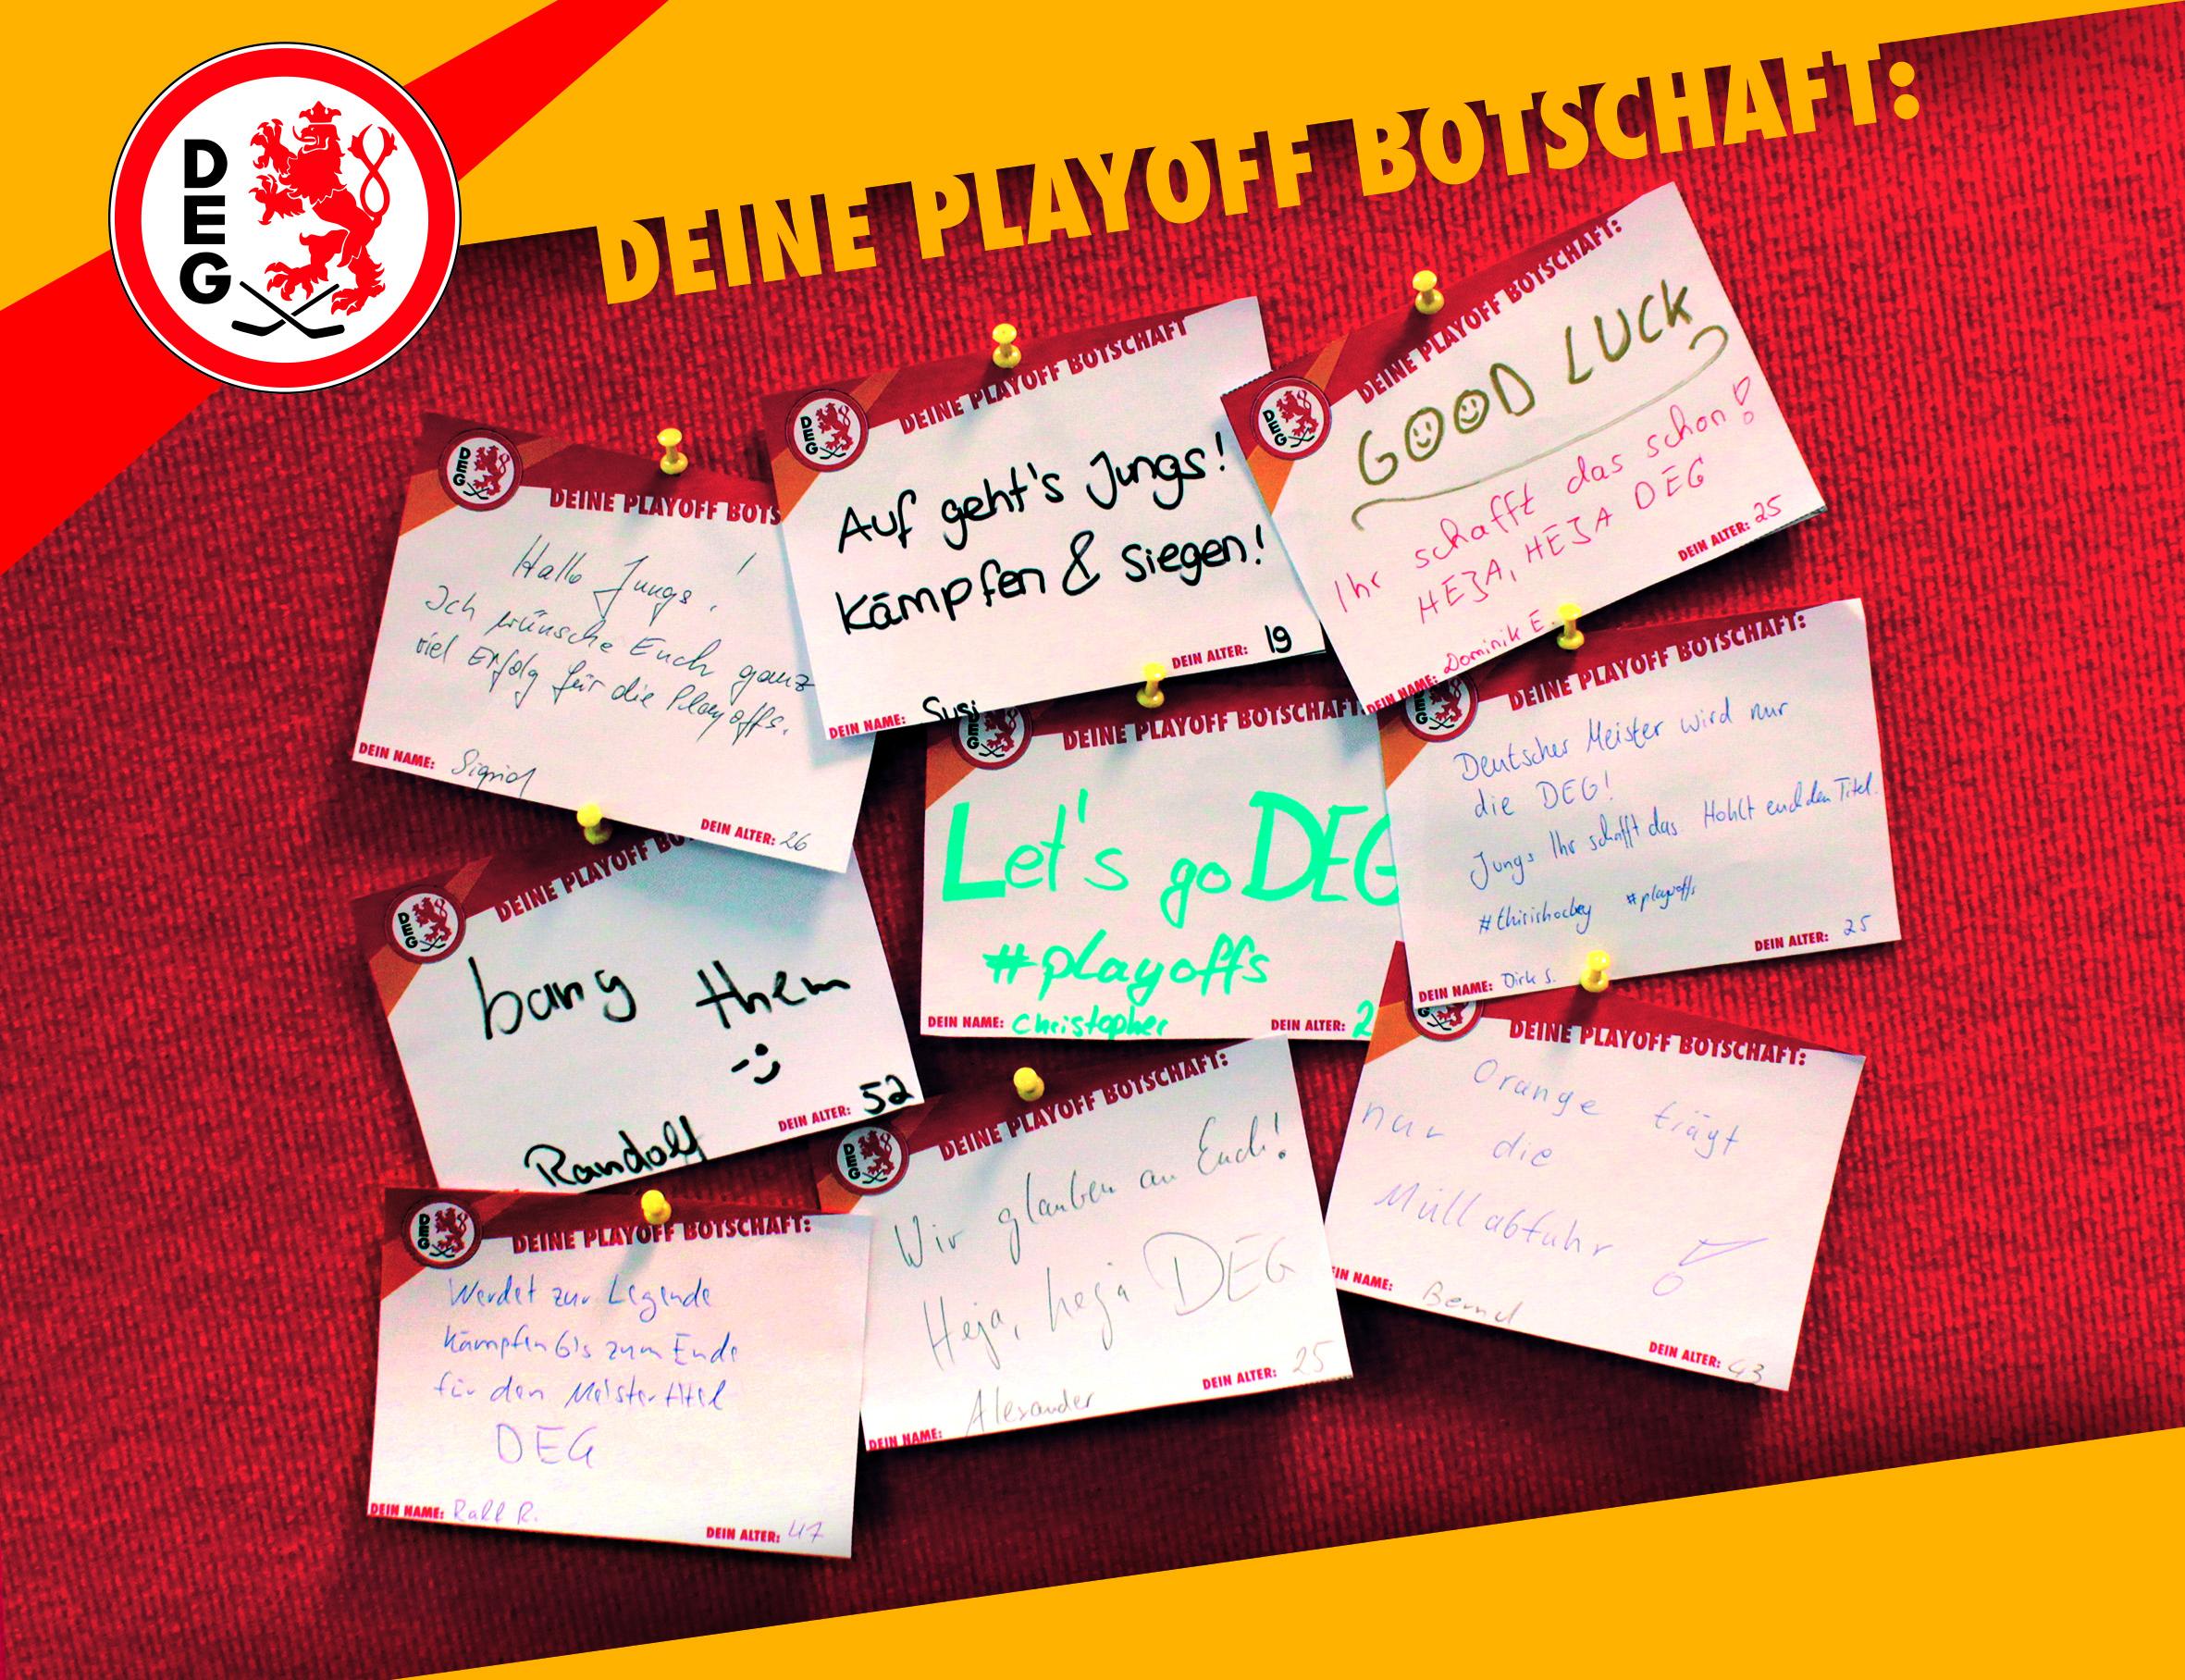 """Fan-Aktion: """"Deine Playoff-Botschaft an das Team!"""" (Foto: Düsseldorfer EG)"""